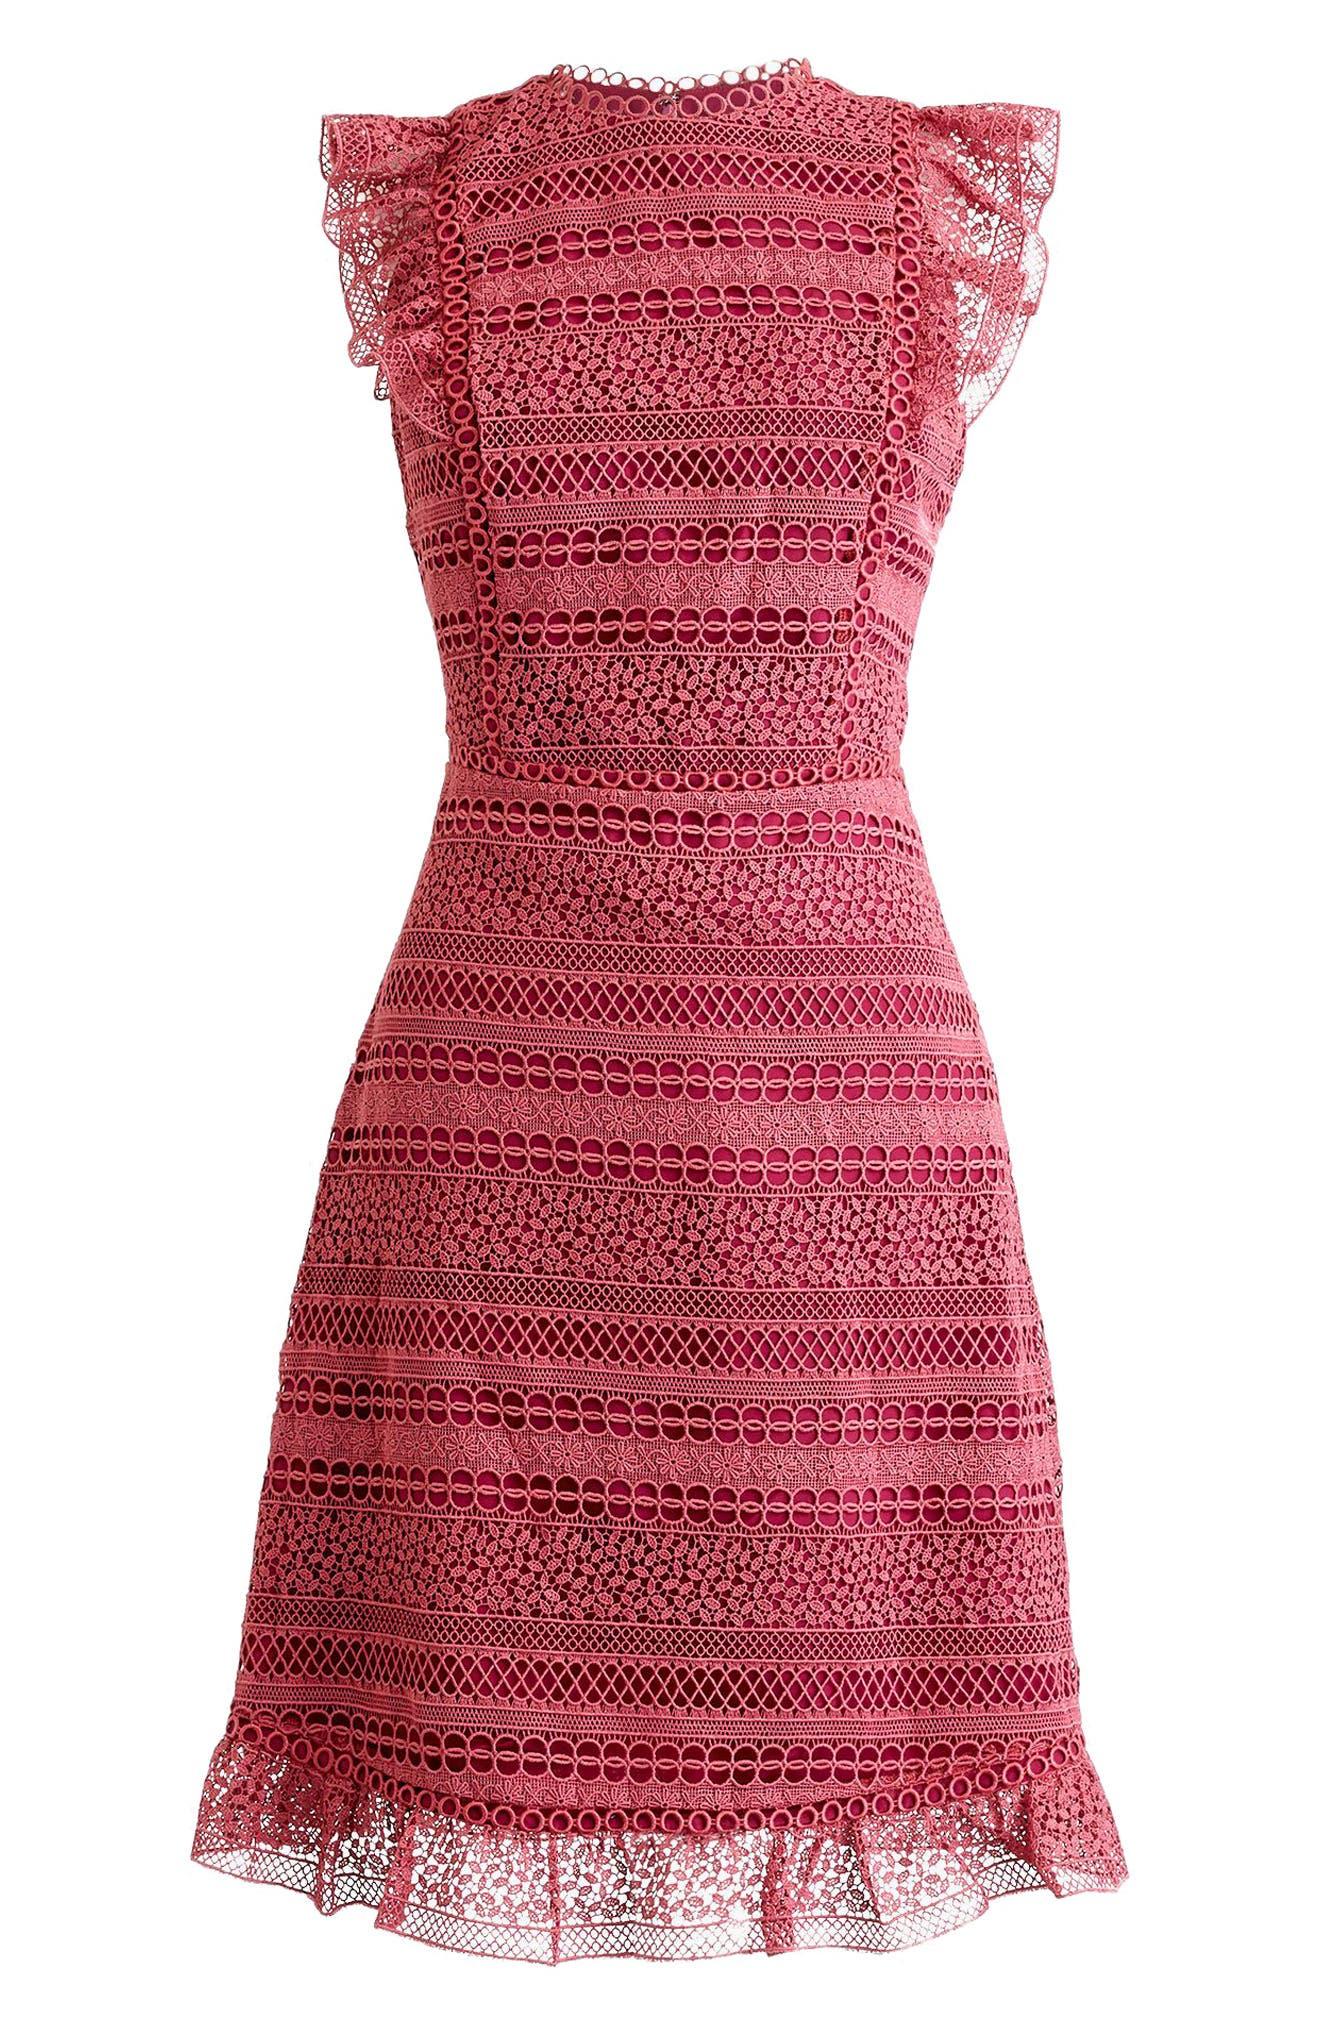 Cap Sleeve Ruffle Lace Dress,                             Main thumbnail 3, color,